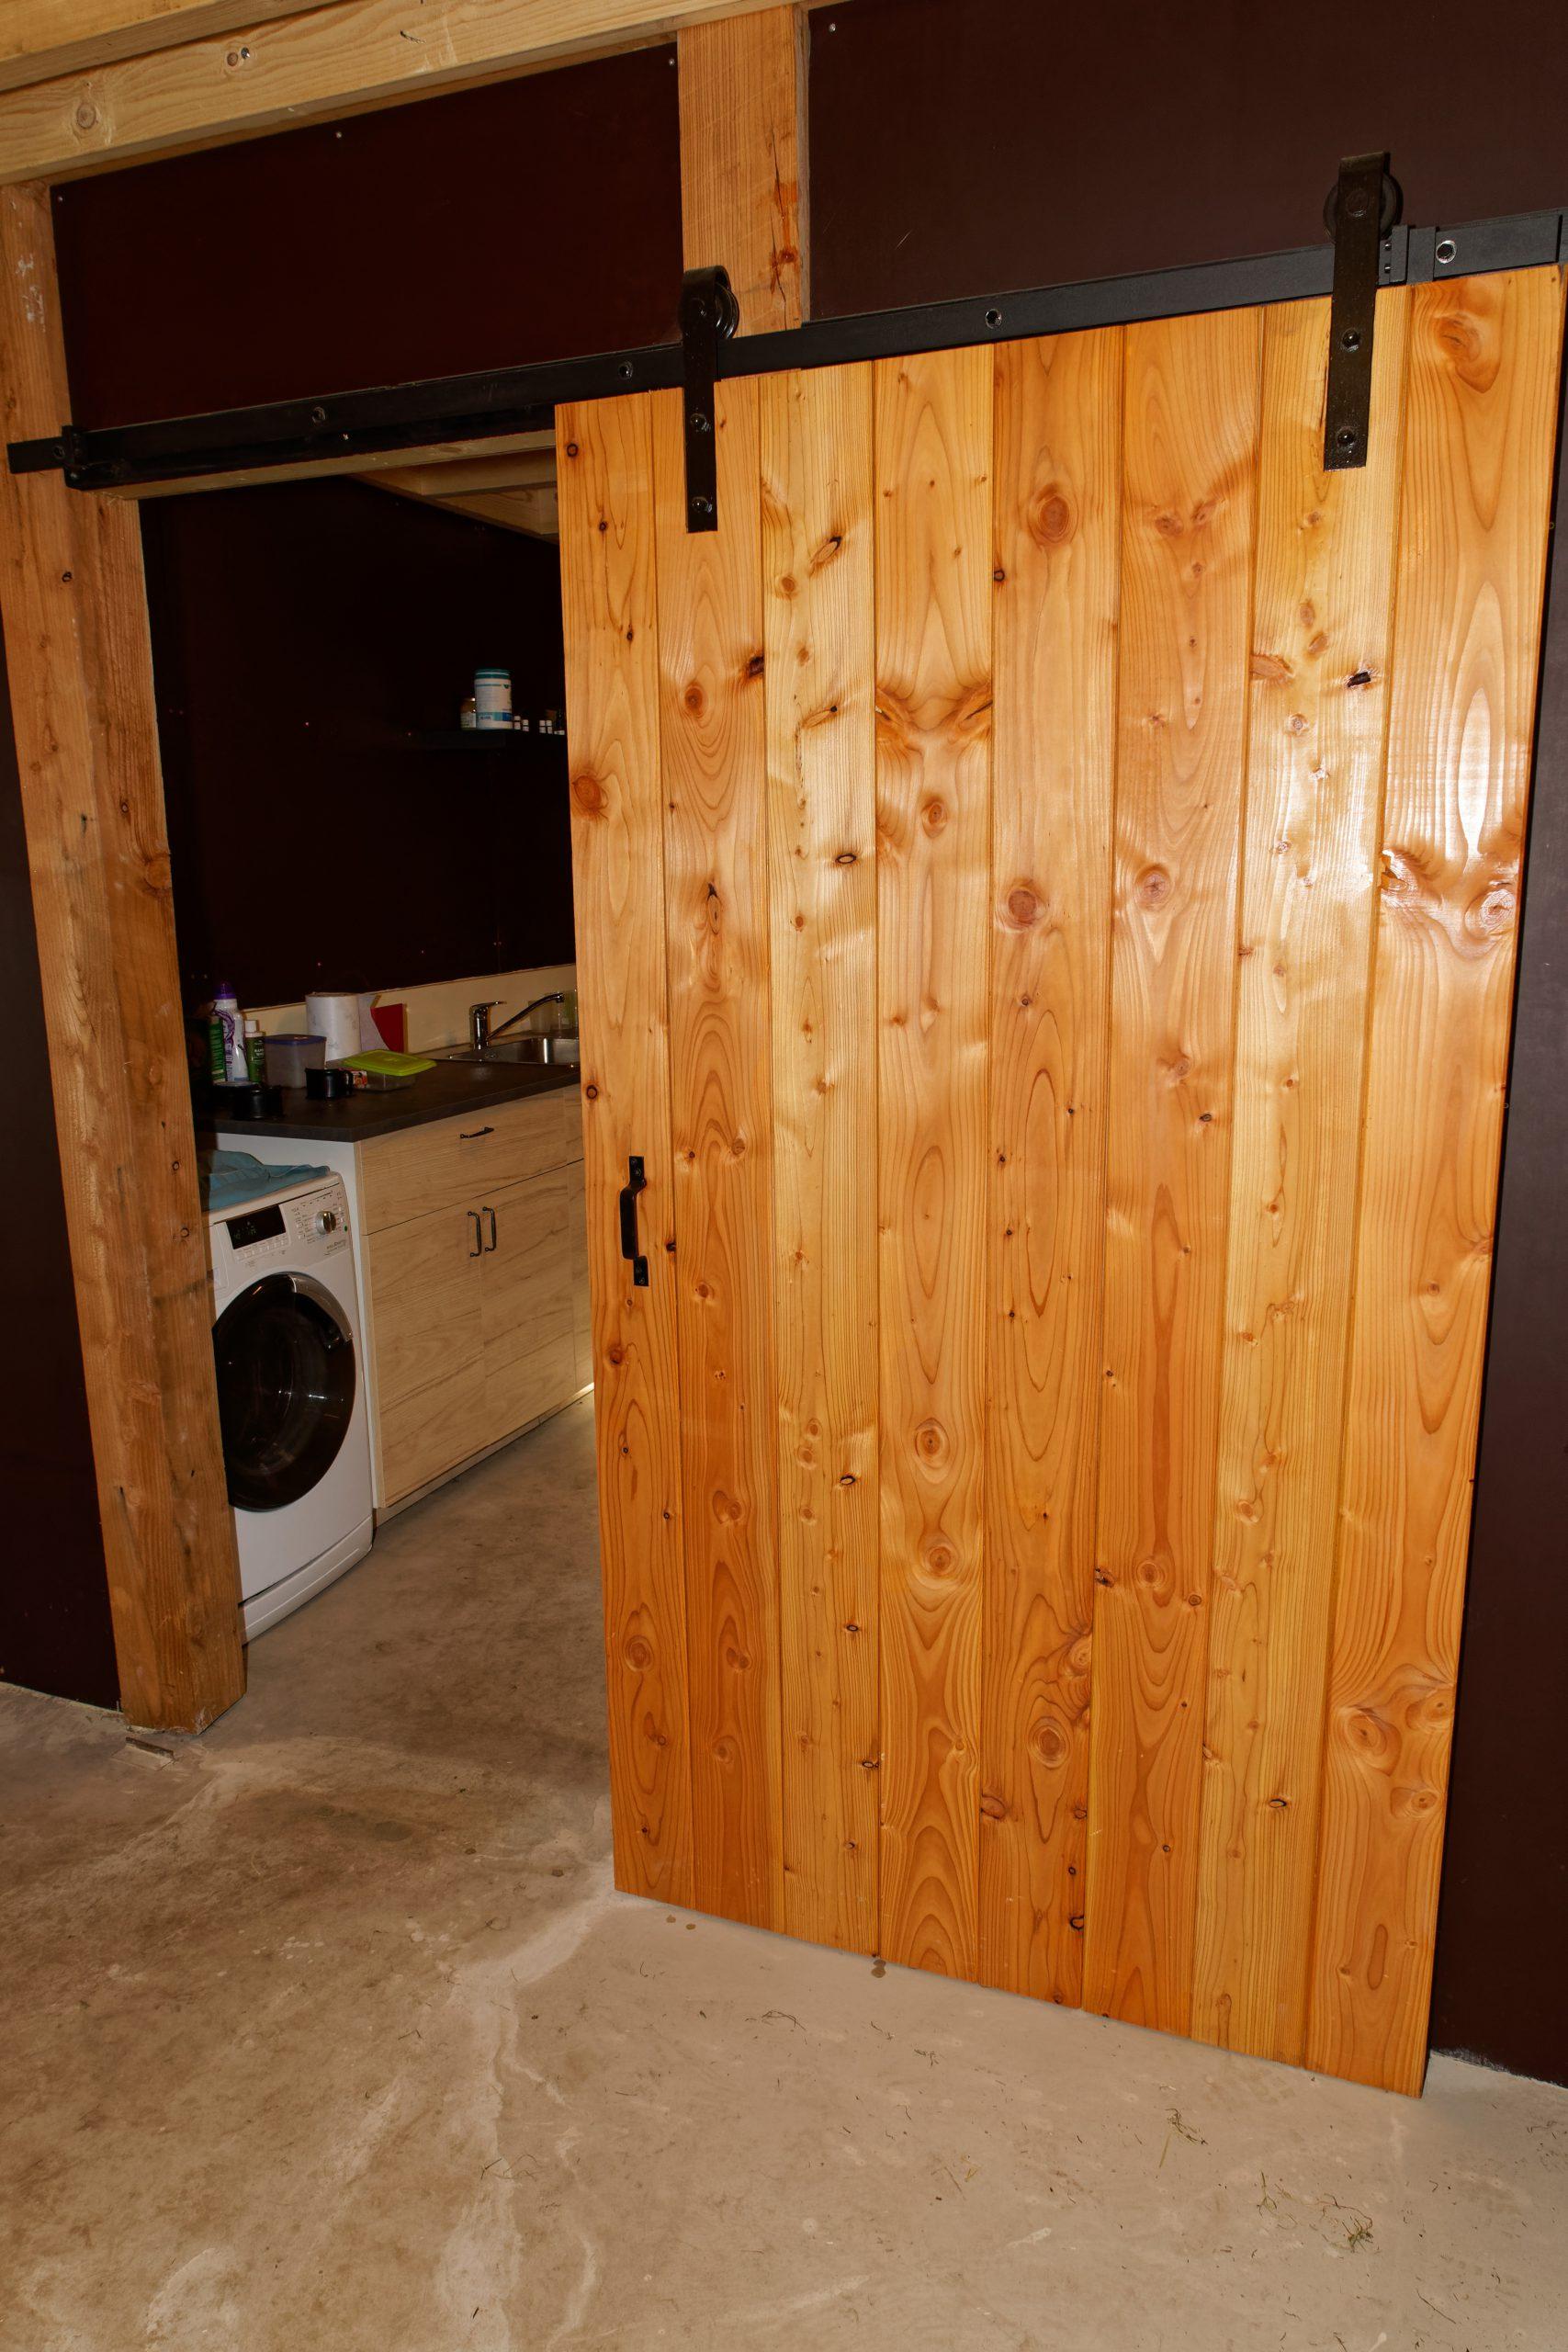 houten-schuur-met-paardenstallen-13-scaled - Project Hardenberg: Grote houten schuur met paardenstallen.